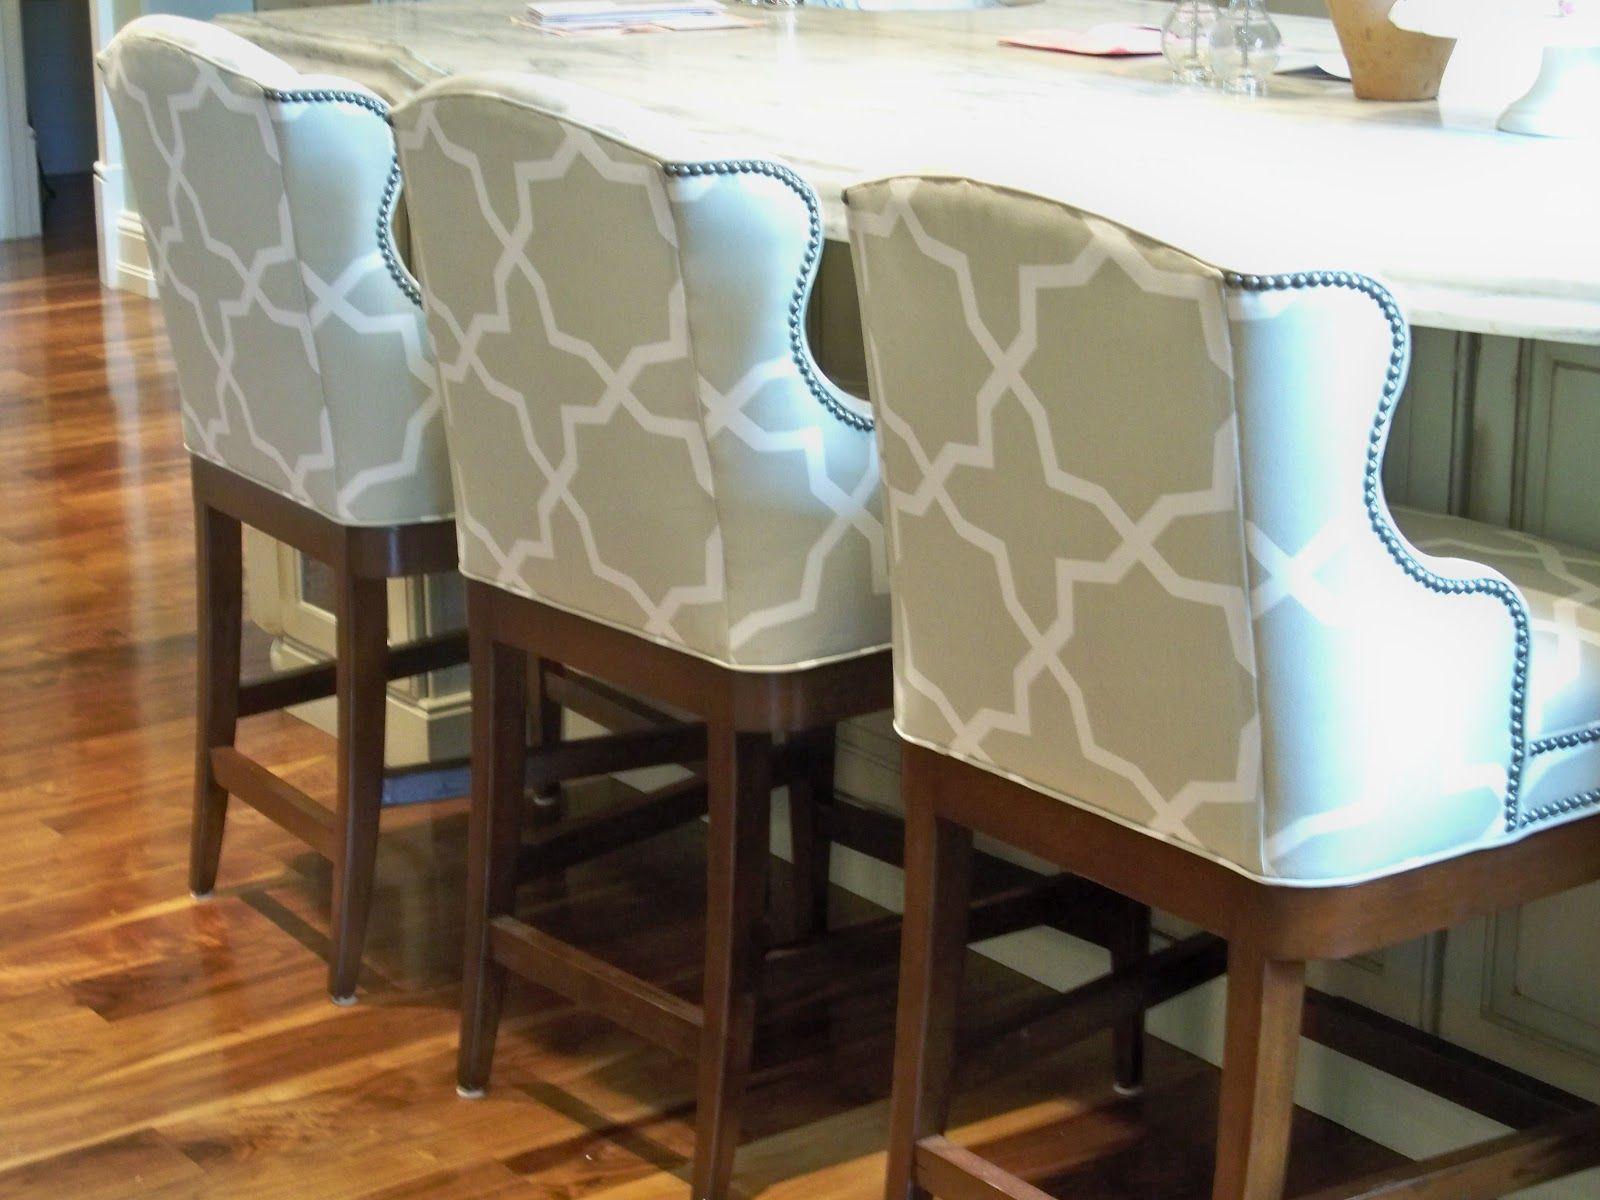 Küche Esszimmer Stühle   Stühle modern   Pinterest   Küche esszimmer ...